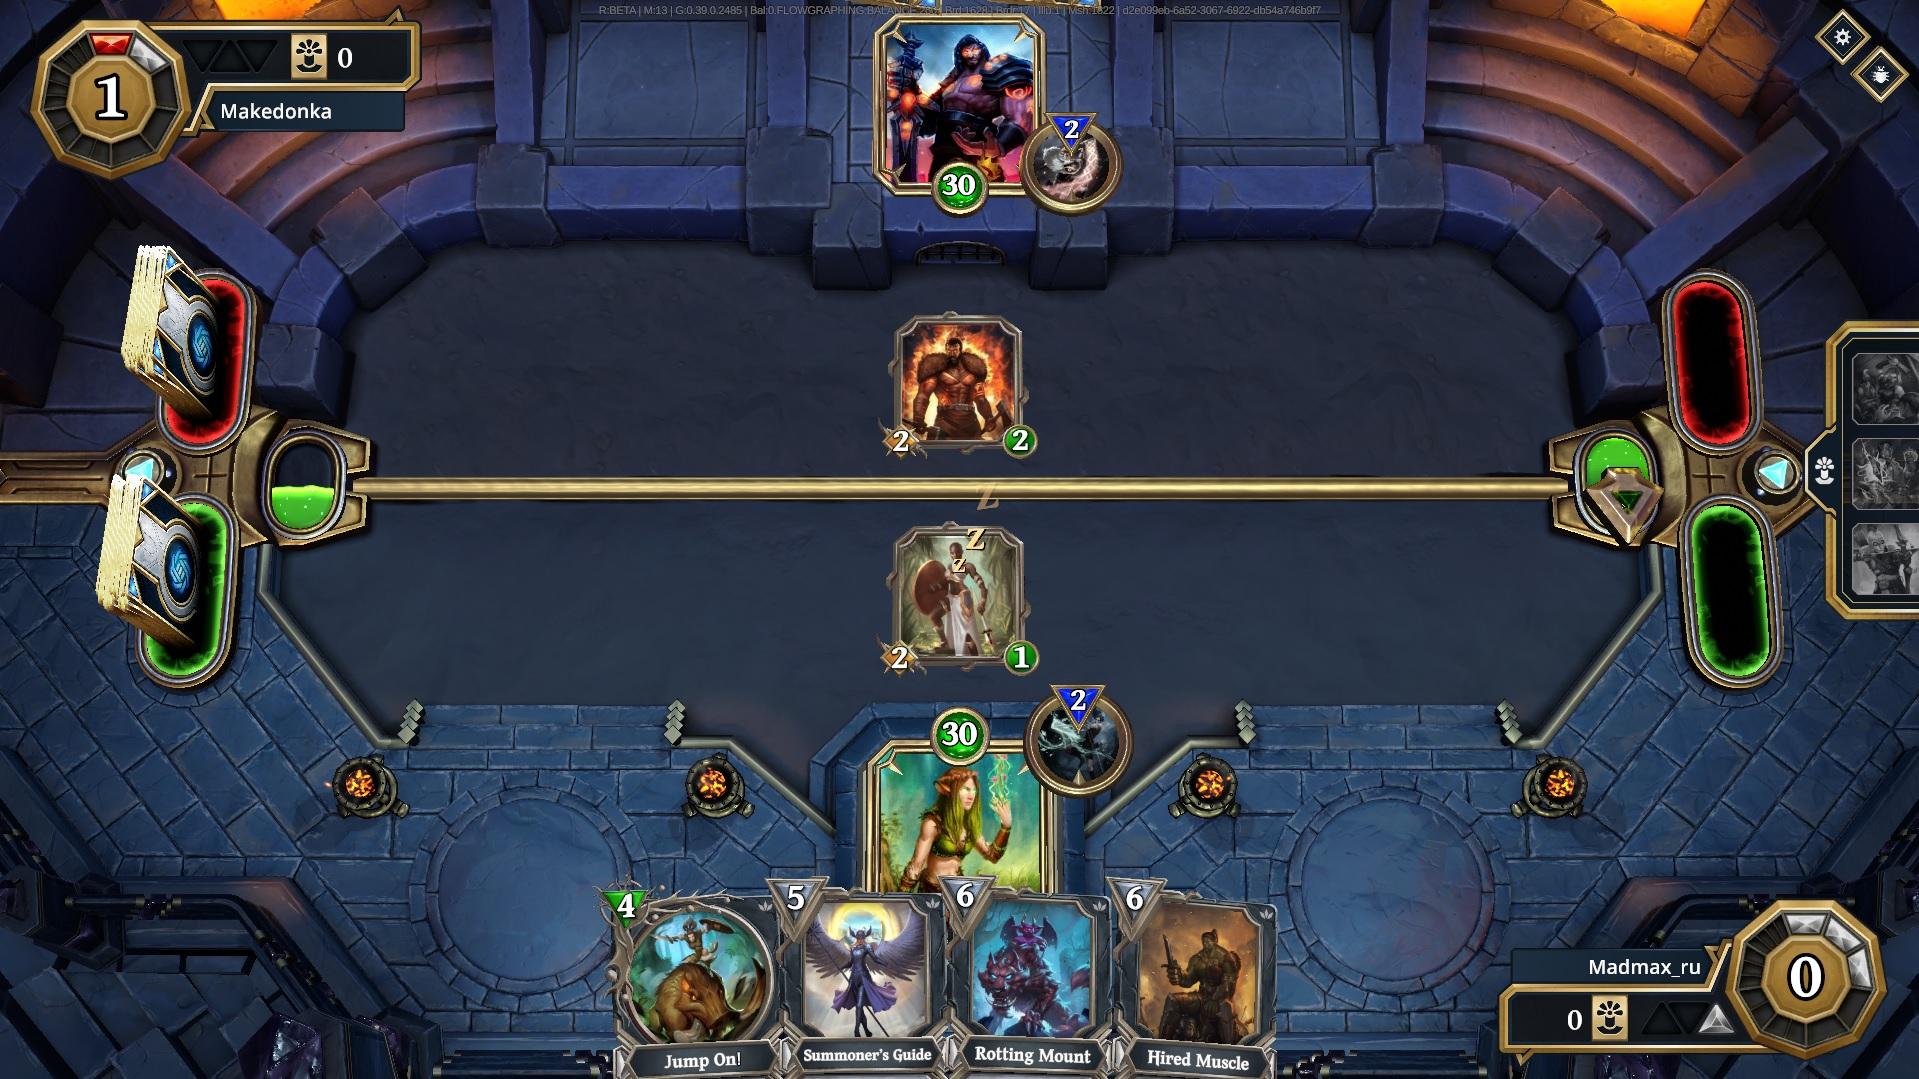 Игра Gods Unchaine имеет свой родной токен GODS. В чем же заключается его ценность